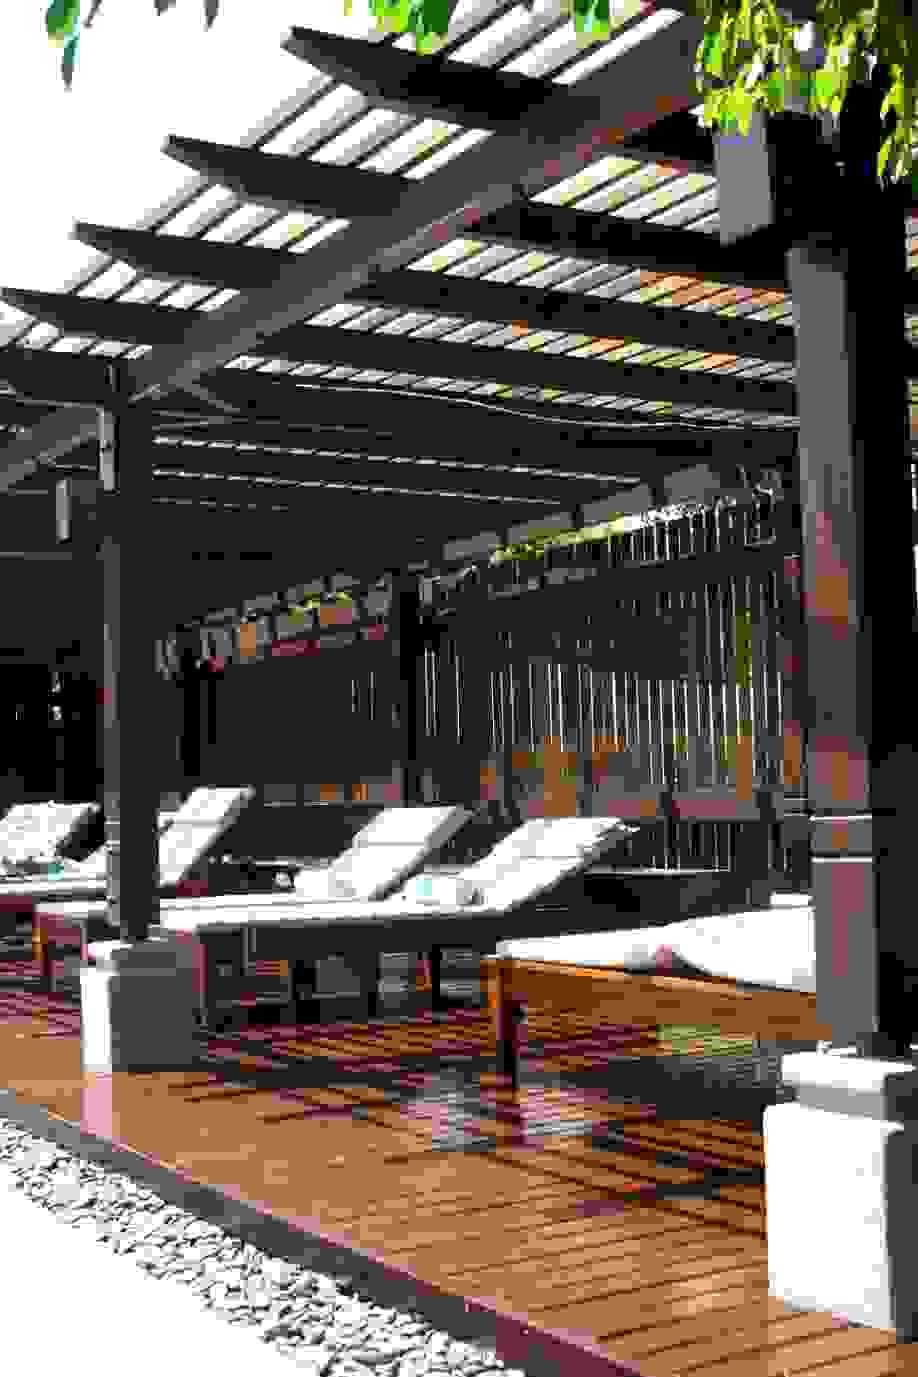 Luxus Veranda Holz Frisch Veranda Selber Bauen Entwurf  Haus Und von Veranda Aus Holz Selber Bauen Bild